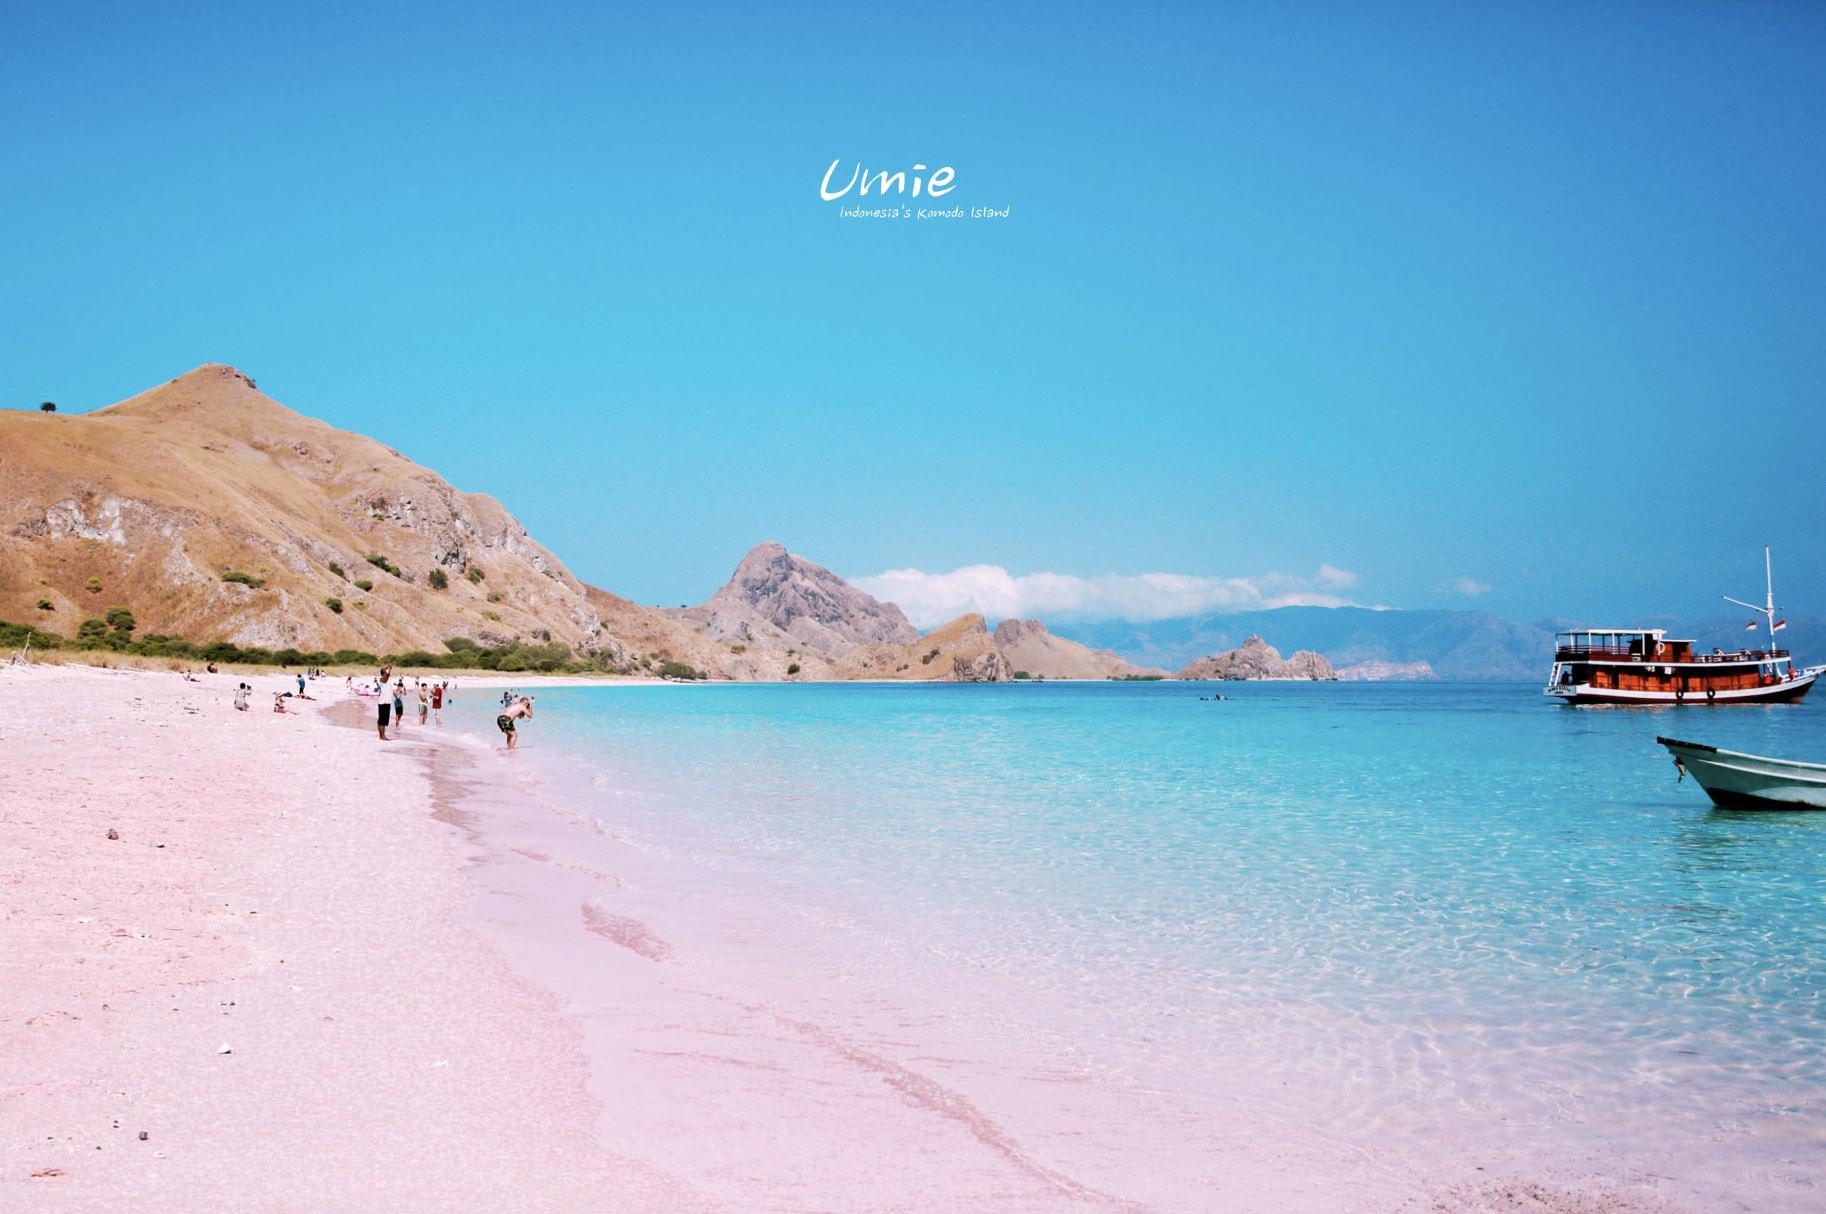 印尼科摩多島行程推薦|粉紅沙灘浮潛 Pink Beach|絕美沙灘!夢幻的粉紅色是真的!